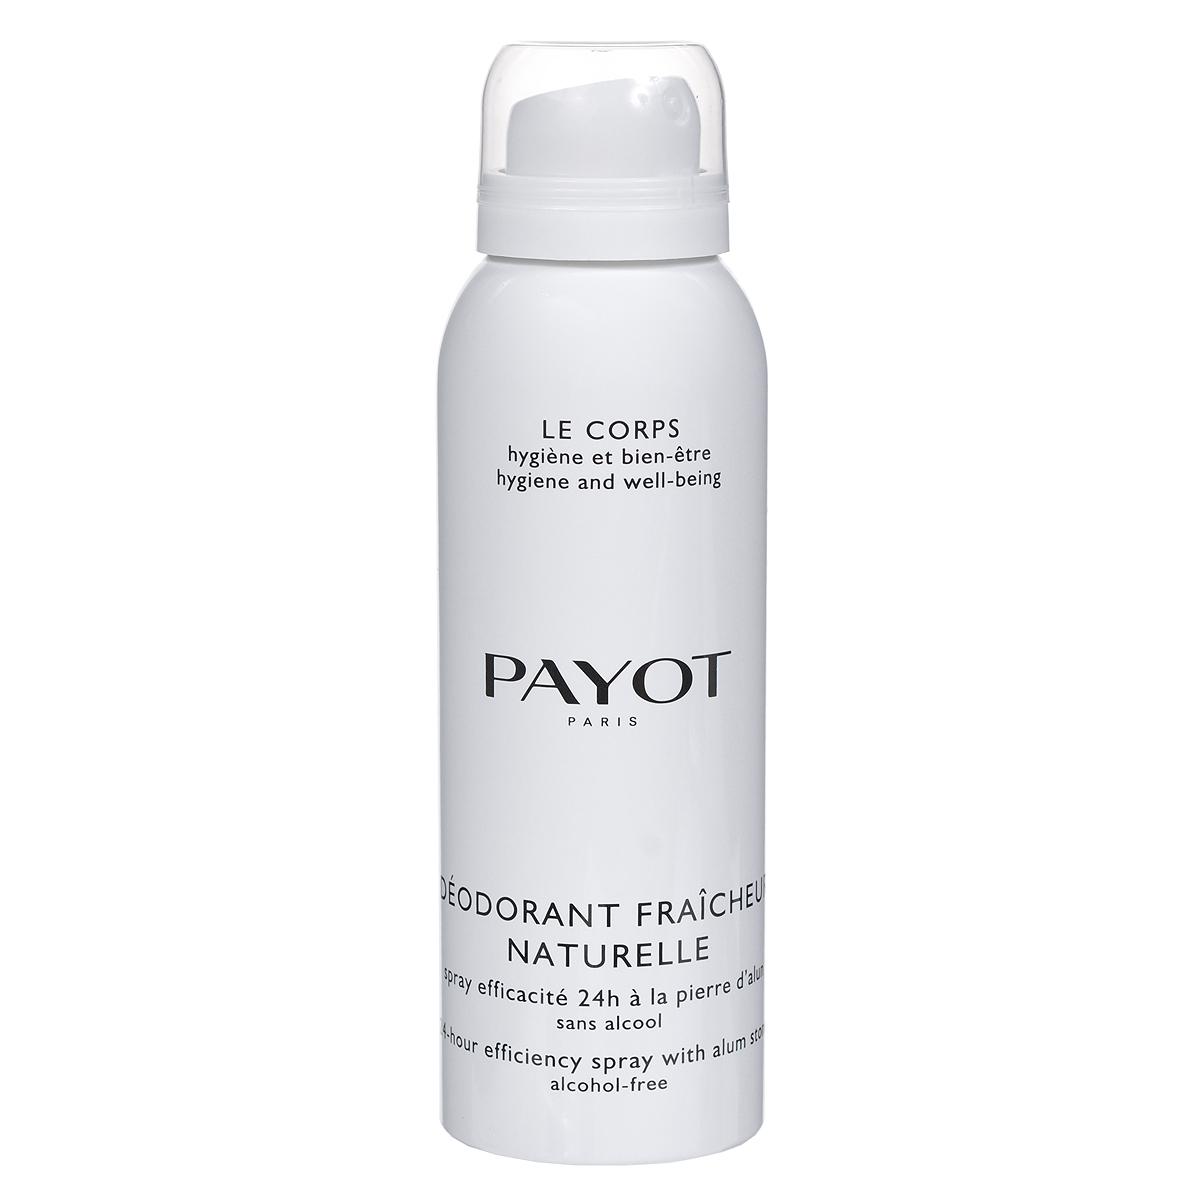 Payot Дезодорант-спрей Naturelle, женский, 125 мл65090578Безалкогольный дезодорант обеспечивает гигиену в течение дня, прекрасно смягчает и успокаивает кожу после эпиляции и бритья. Наносите дезодорант на чистую сухую кожу подмышек.